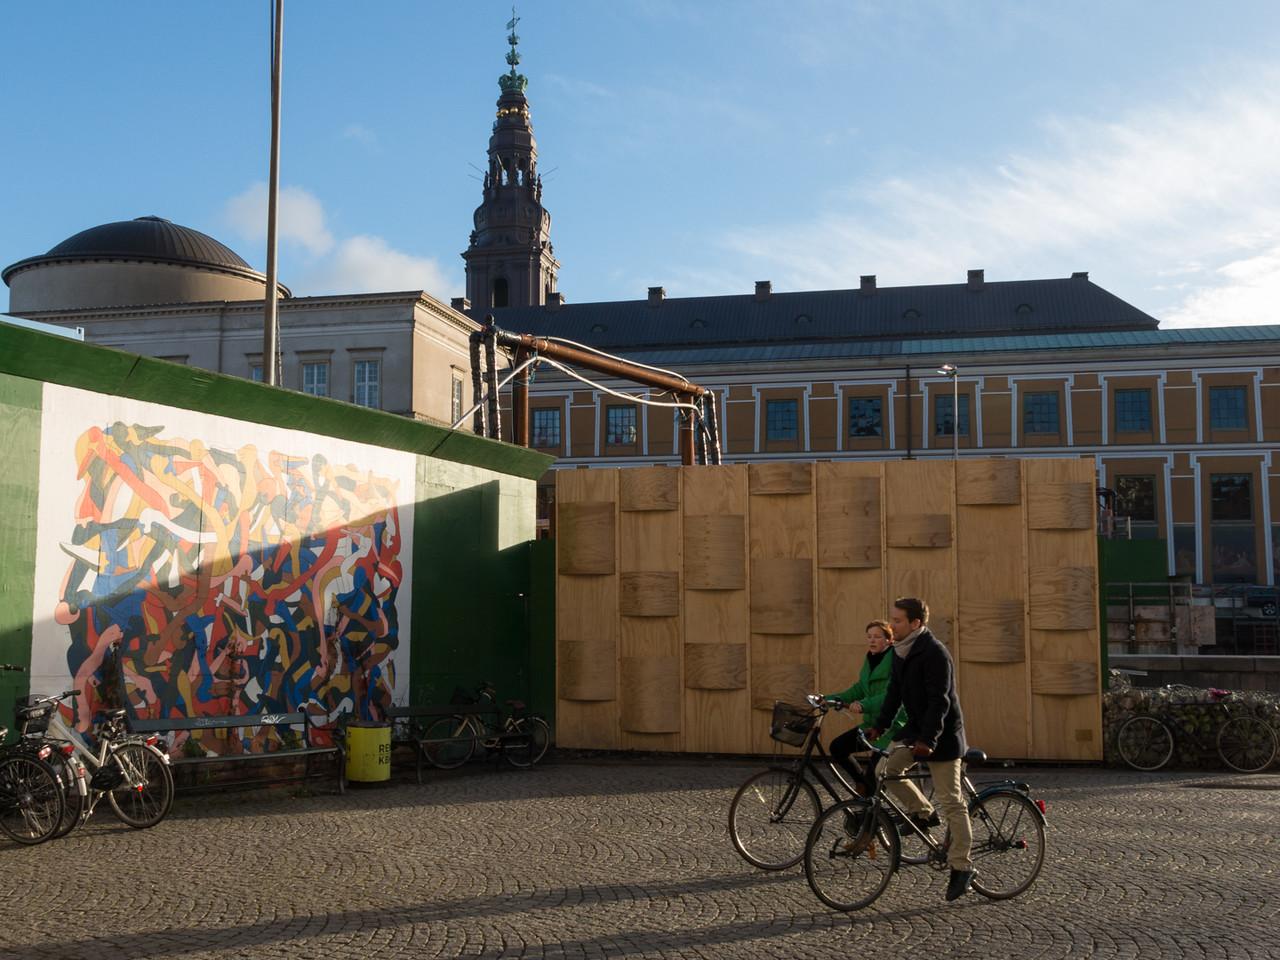 köbenhavn_2015-01-03_130809